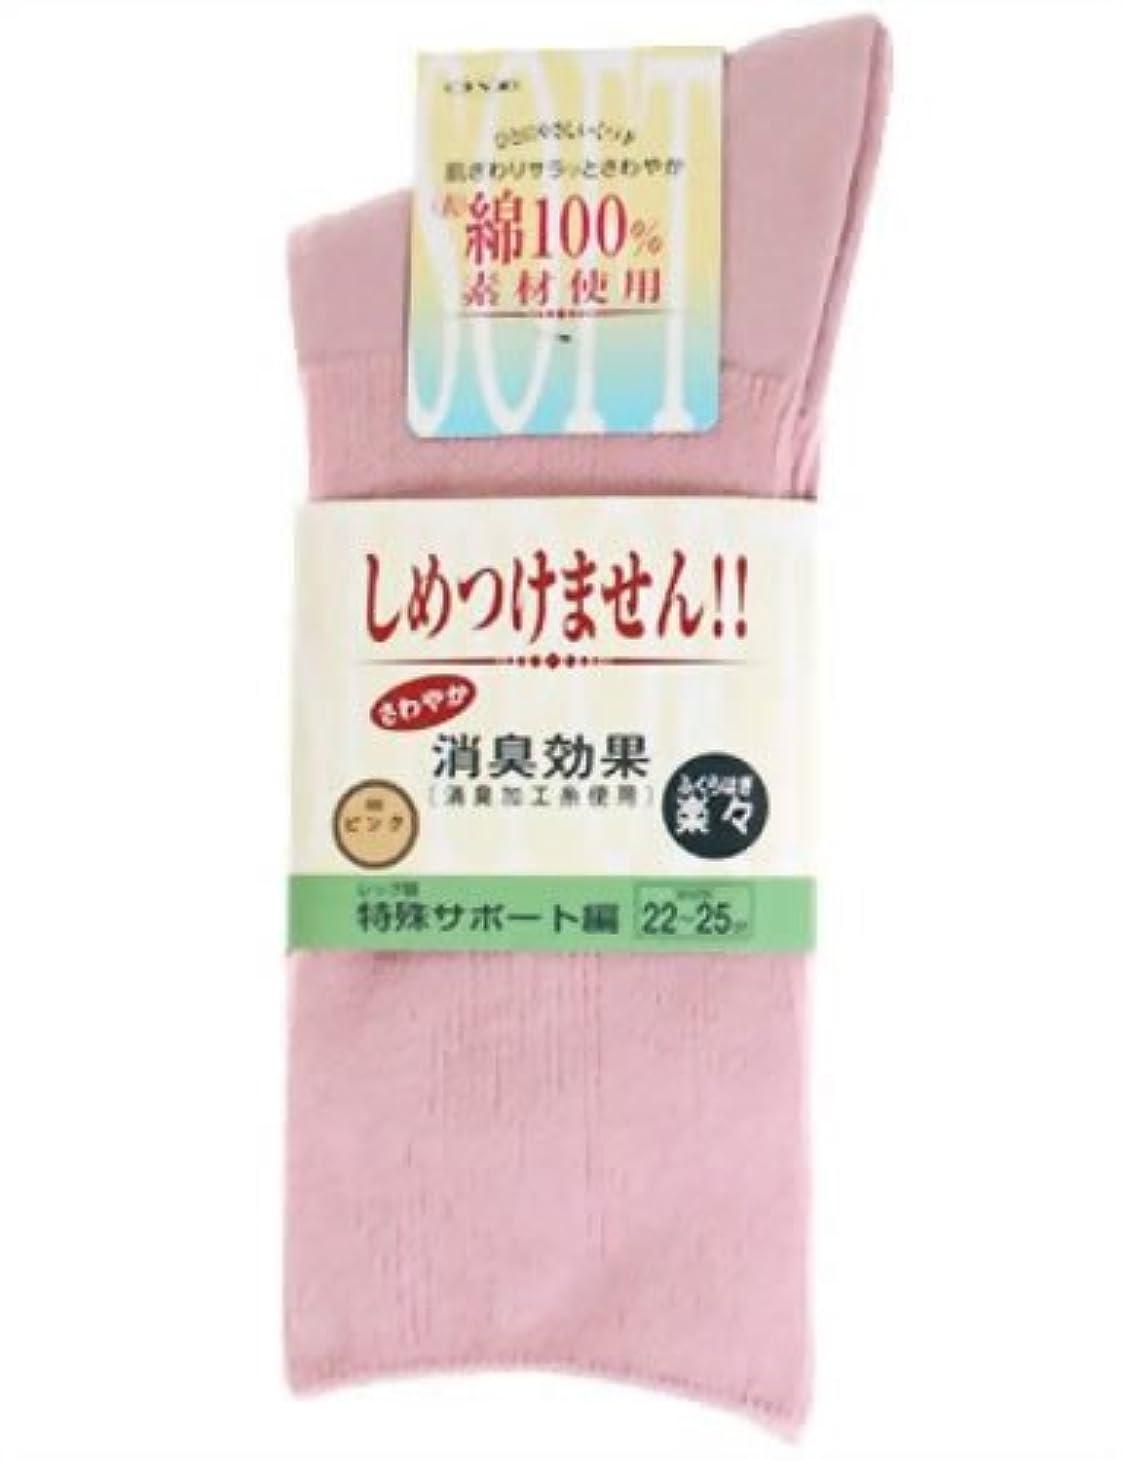 収まるピストルクランプふくらはぎ楽らくソックス 婦人 春夏用 ピンク /7-1633-02